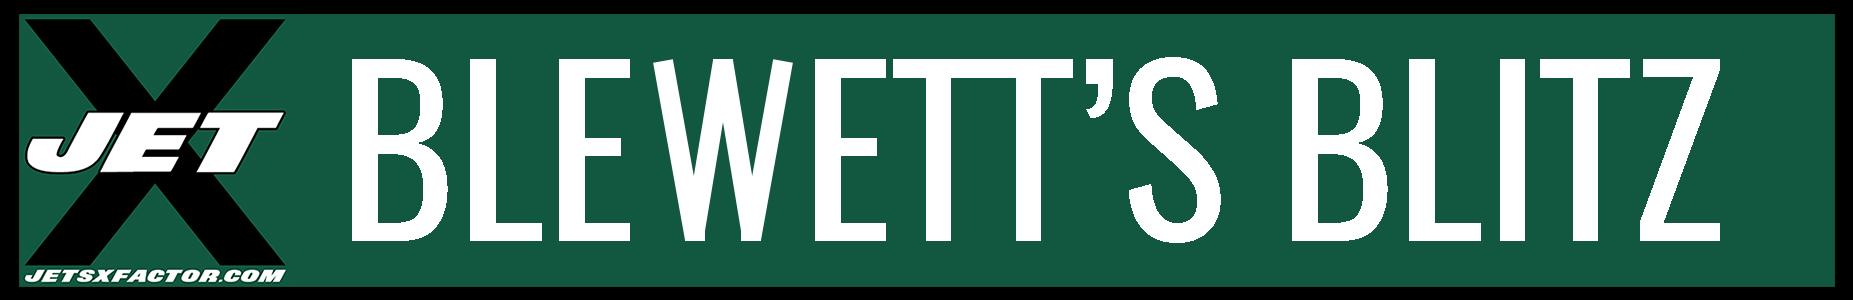 Blewett Blitz